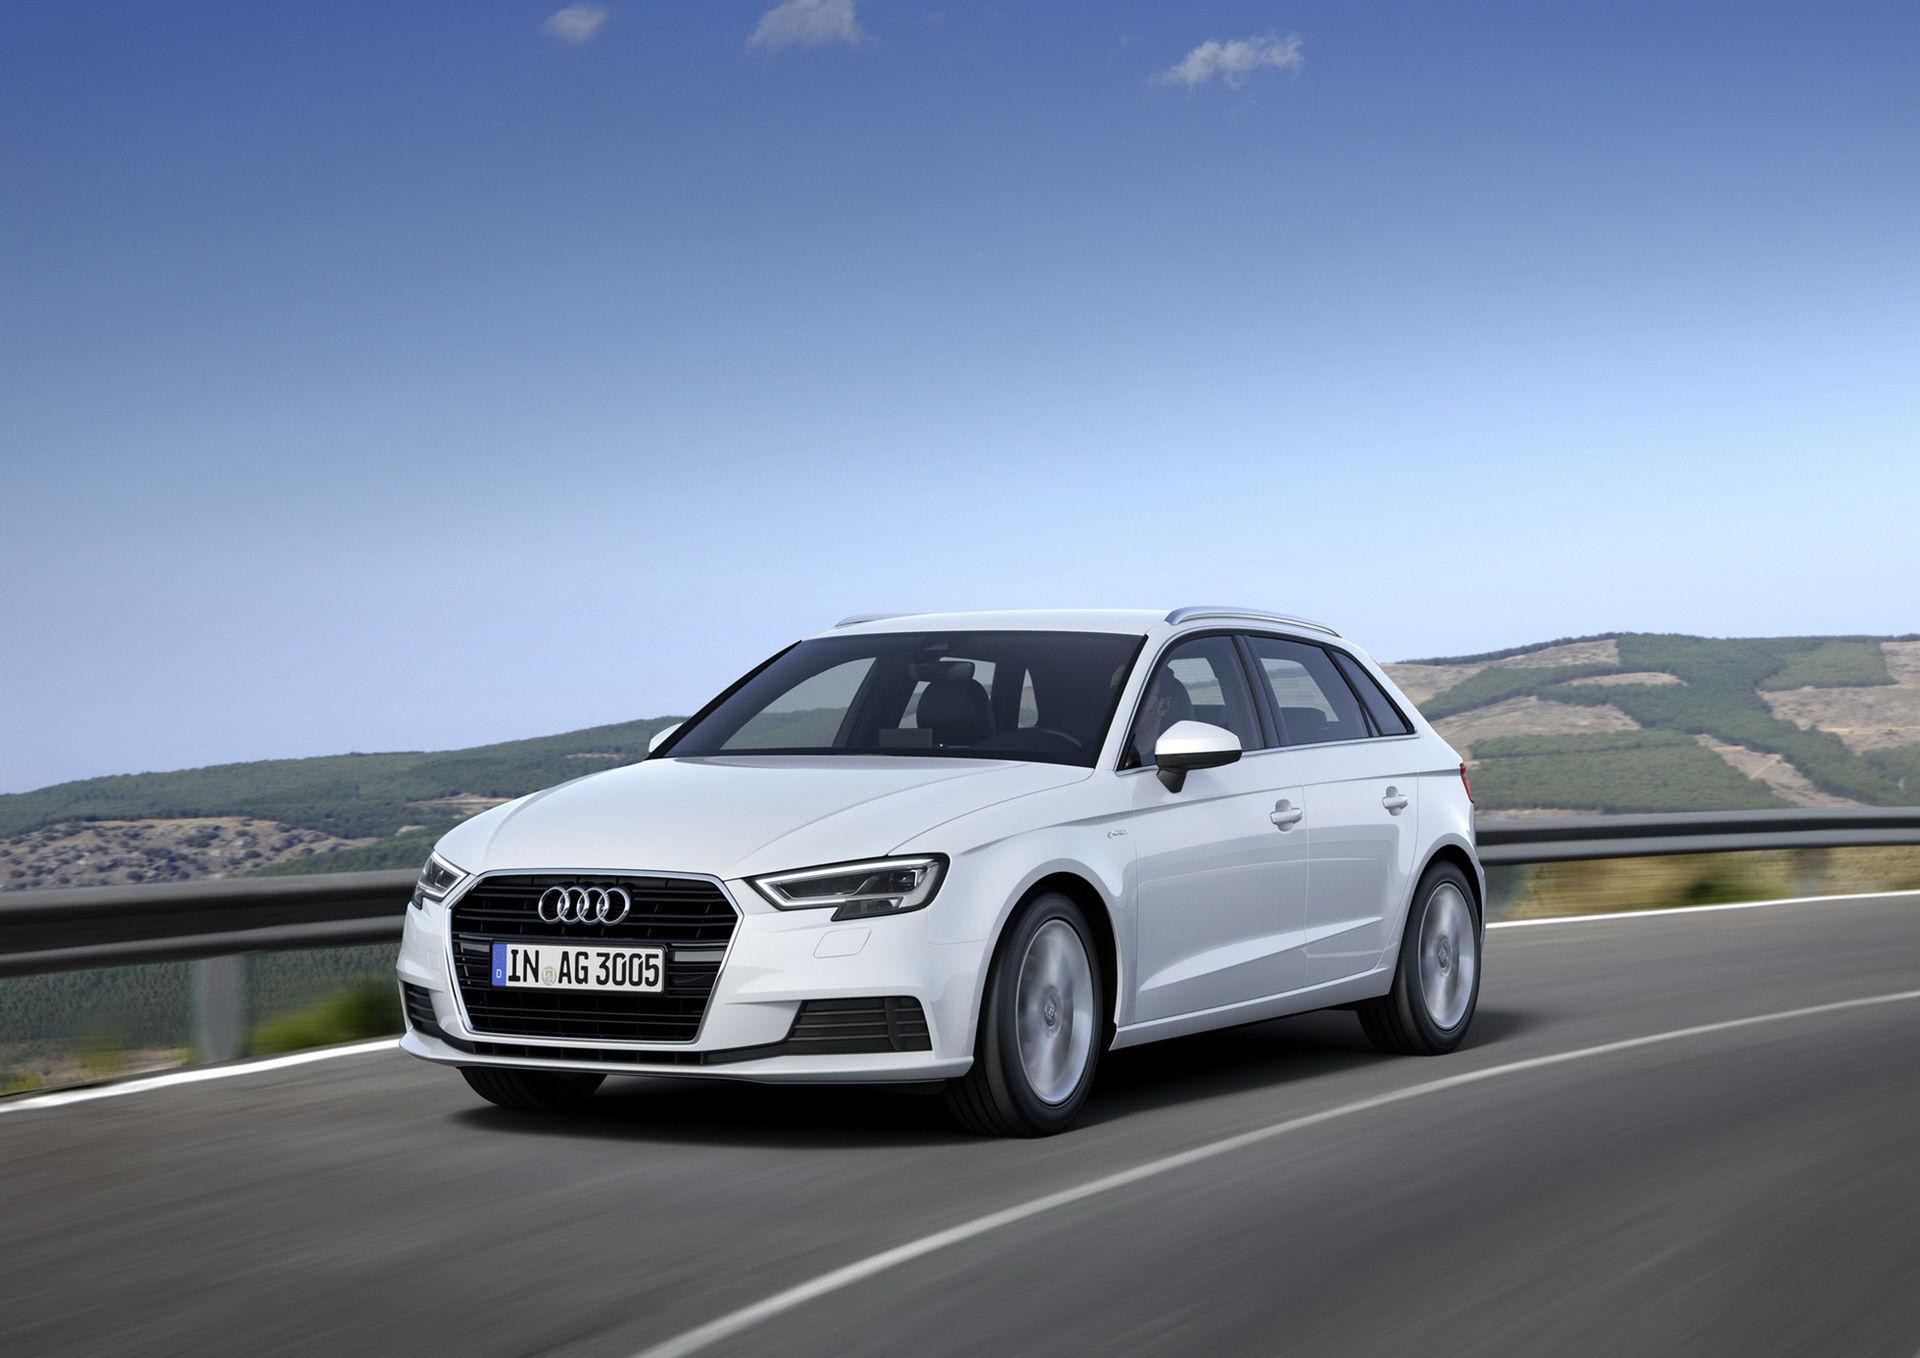 Audi släpper uppdaterad A3 G-Tron